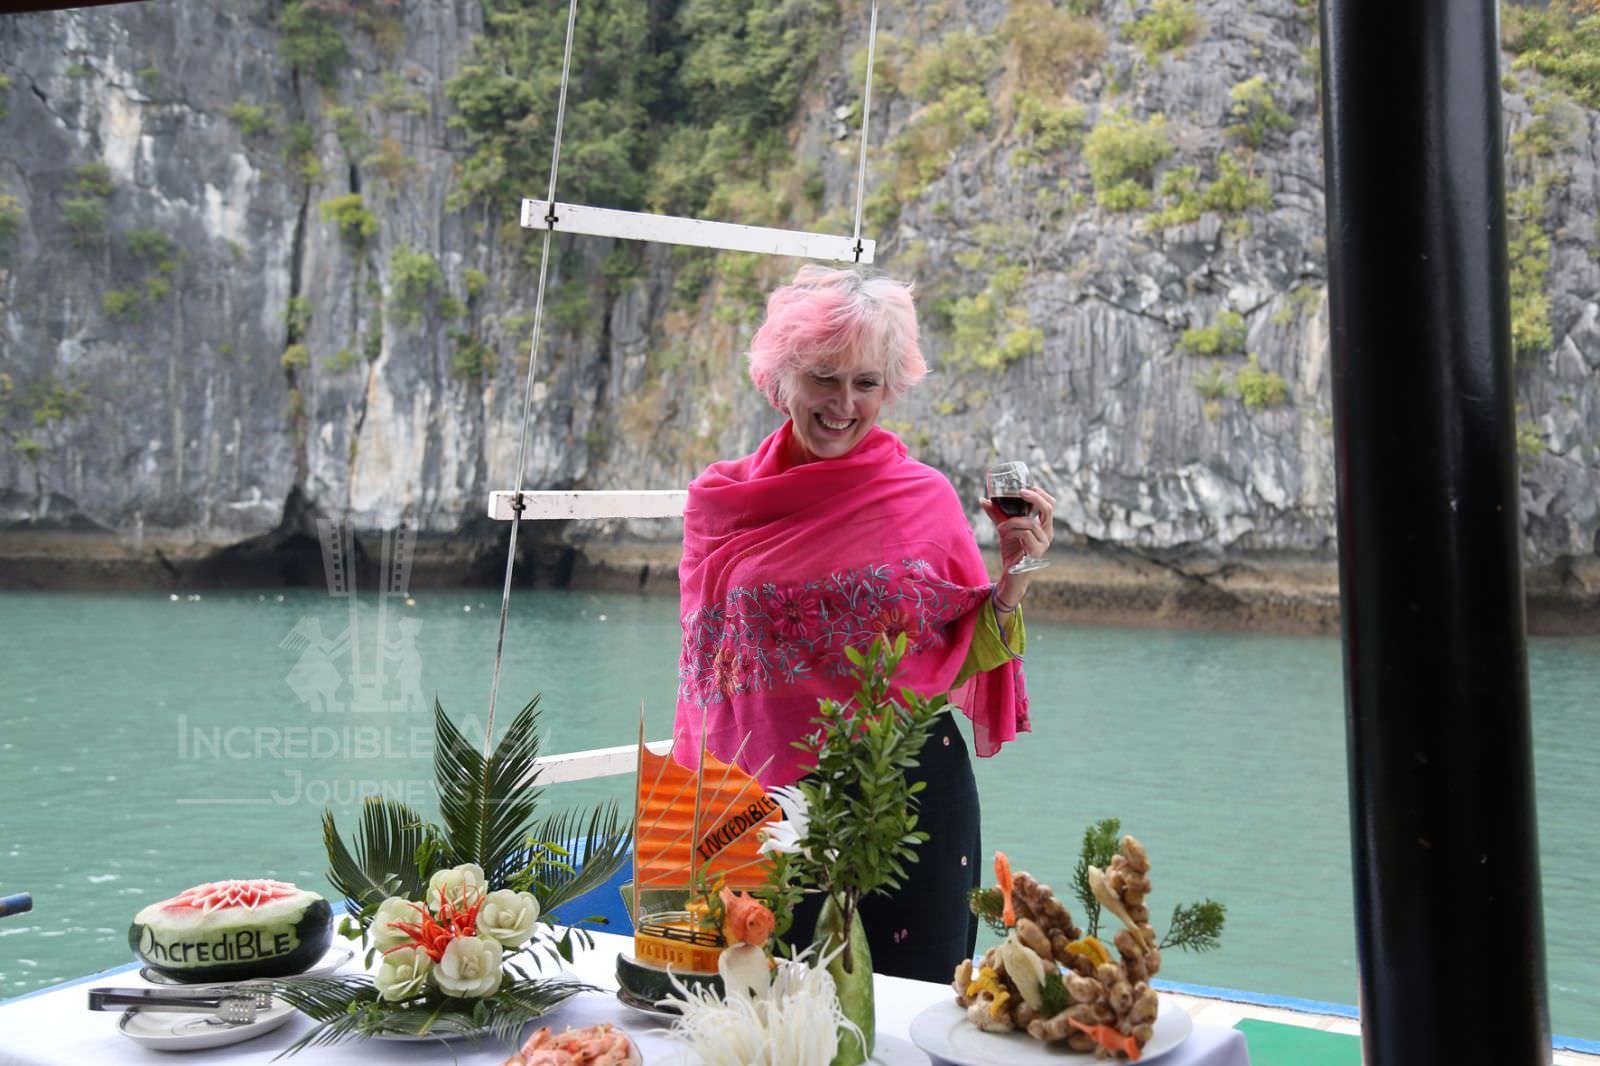 Nhà hàng du thuyền Incredible 2